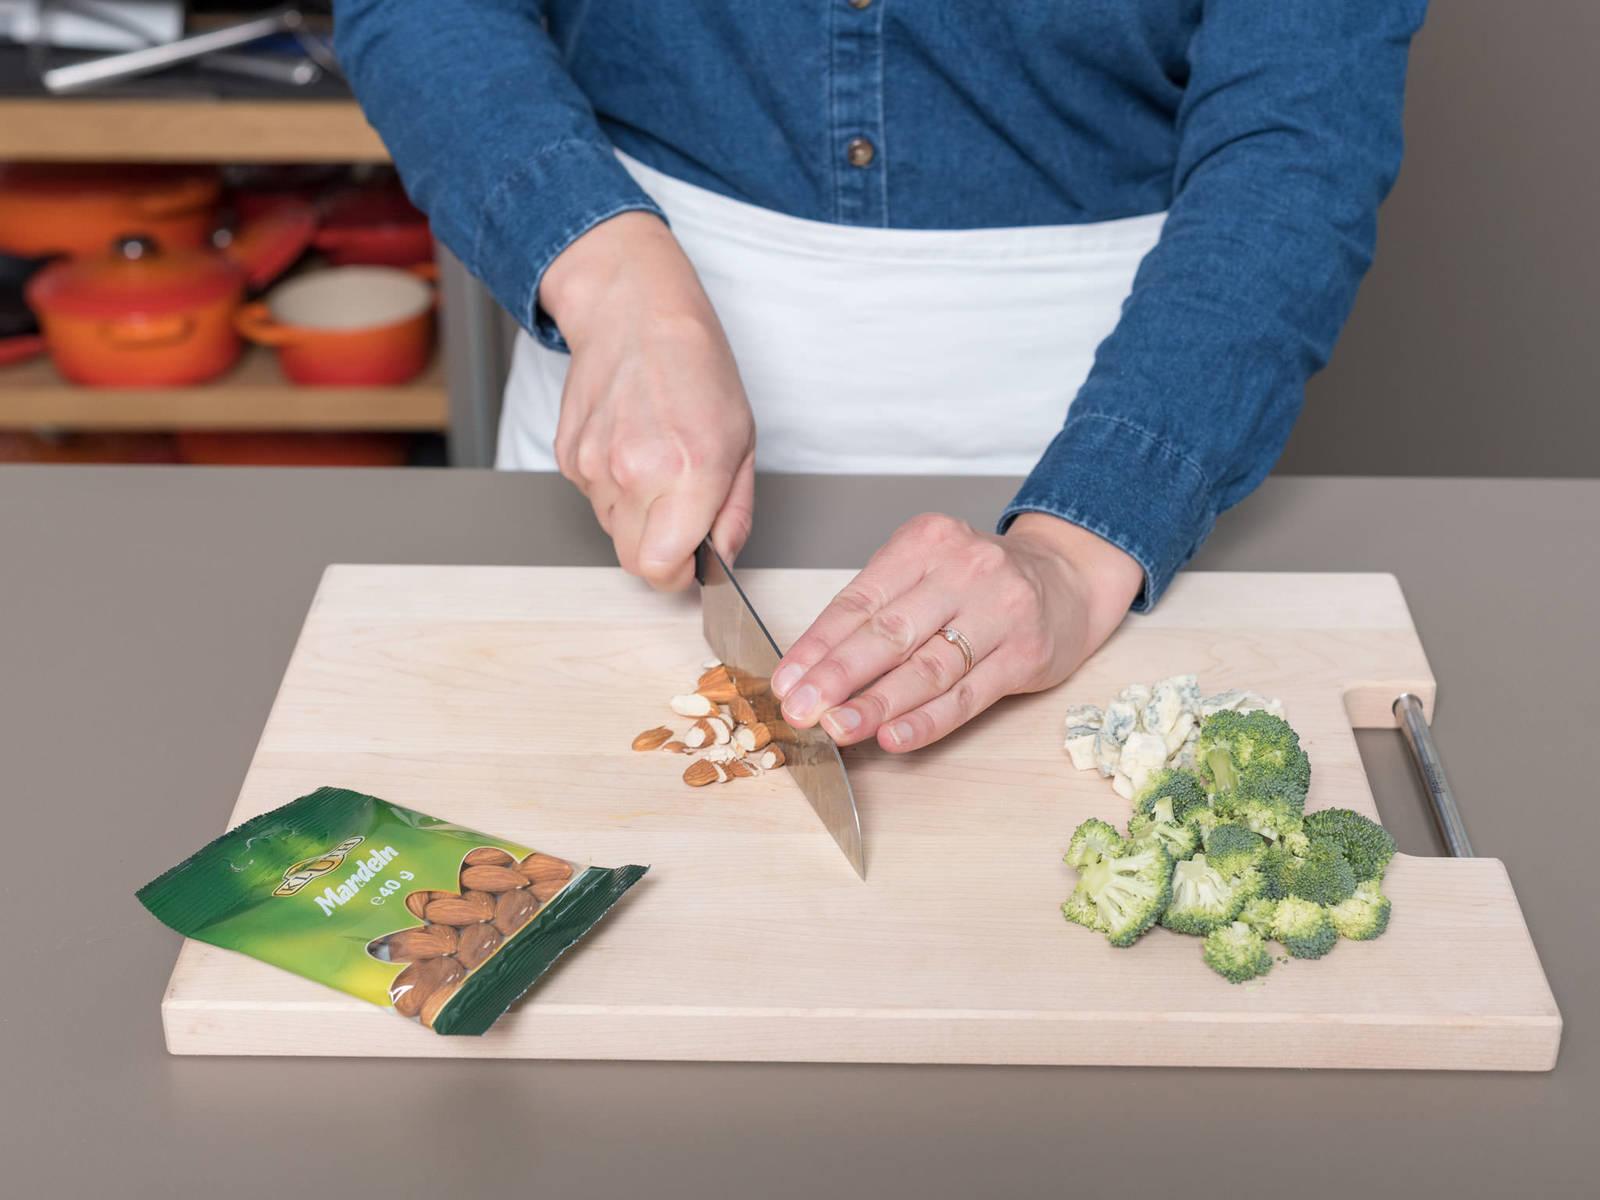 将烤箱预热至230℃。将披萨面团展开,放到铺好烘焙纸的烤盘上。清洗西兰花,切去茎,将其切成小朵。将戈尔根朱勒干酪切成小丁,大略剁碎杏仁。